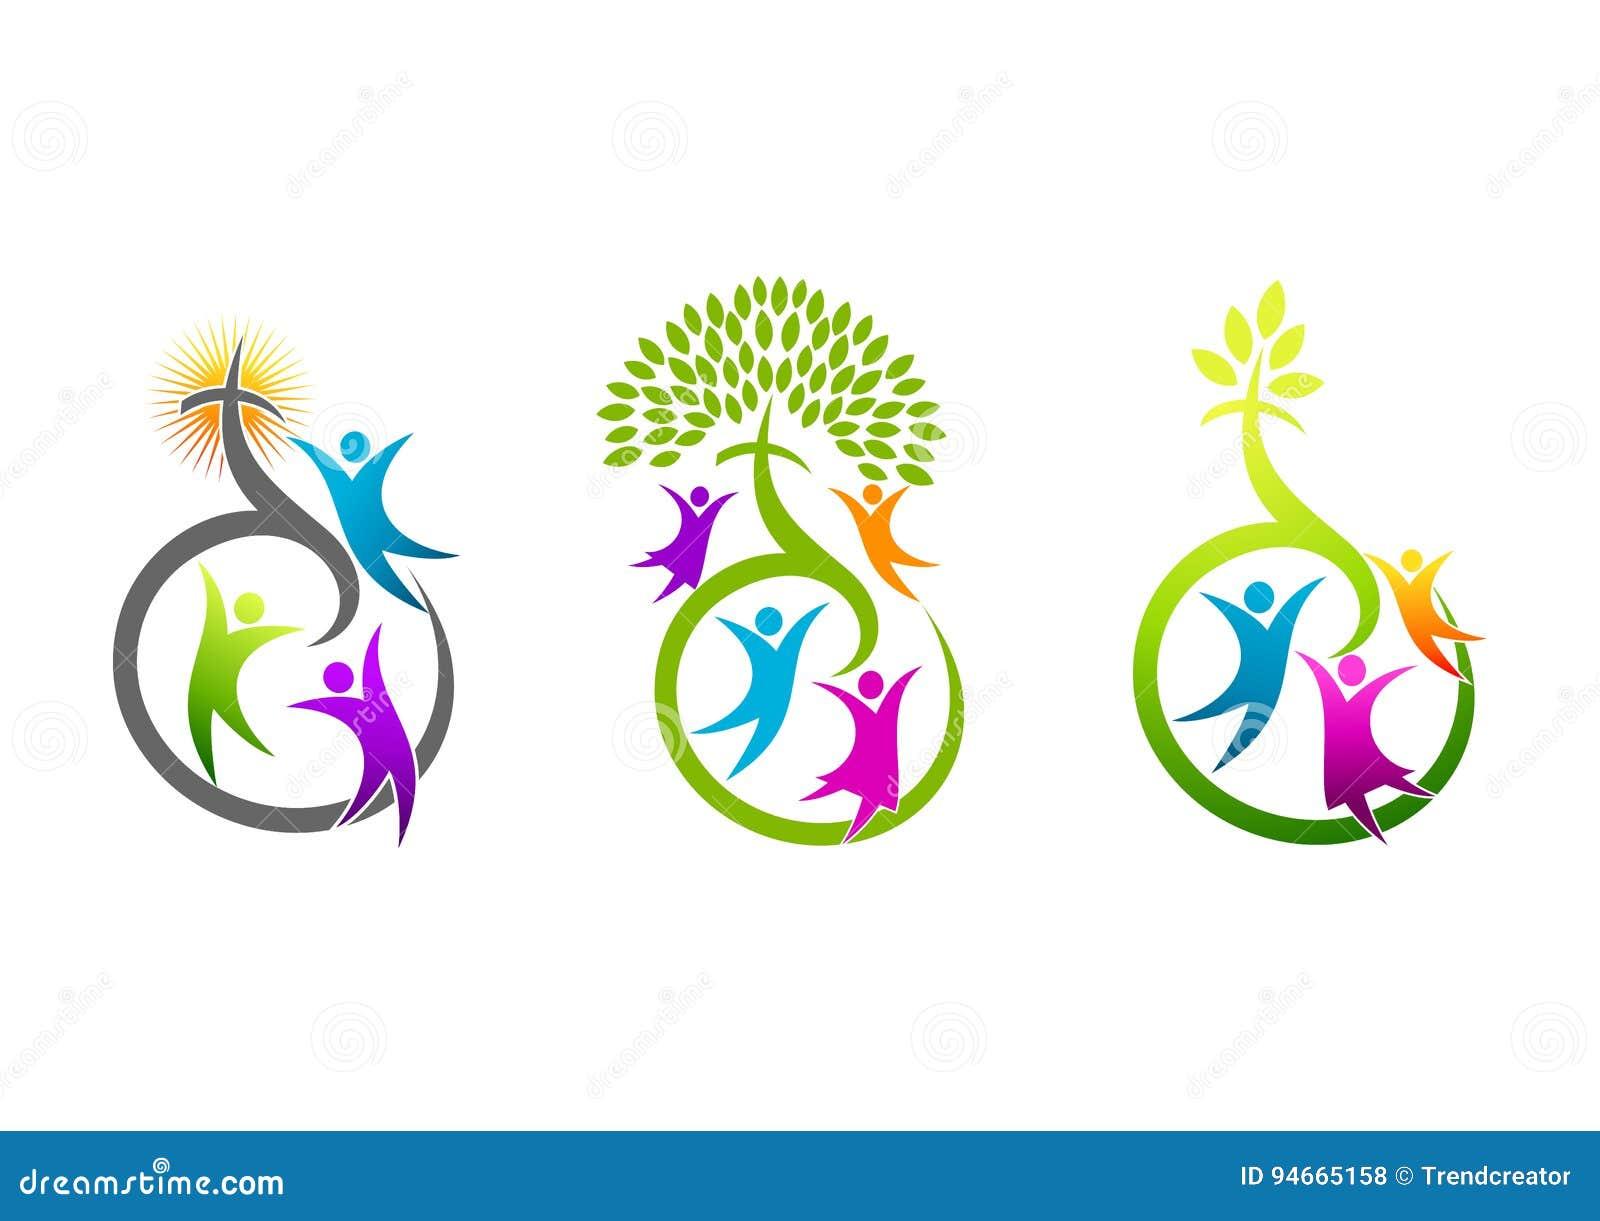 Kościelny logo, religijna rodzinna ikona, chrześcijanina znak, natura krucyfiksu symbol i wzrostowy świętego ducha pojęcia projek